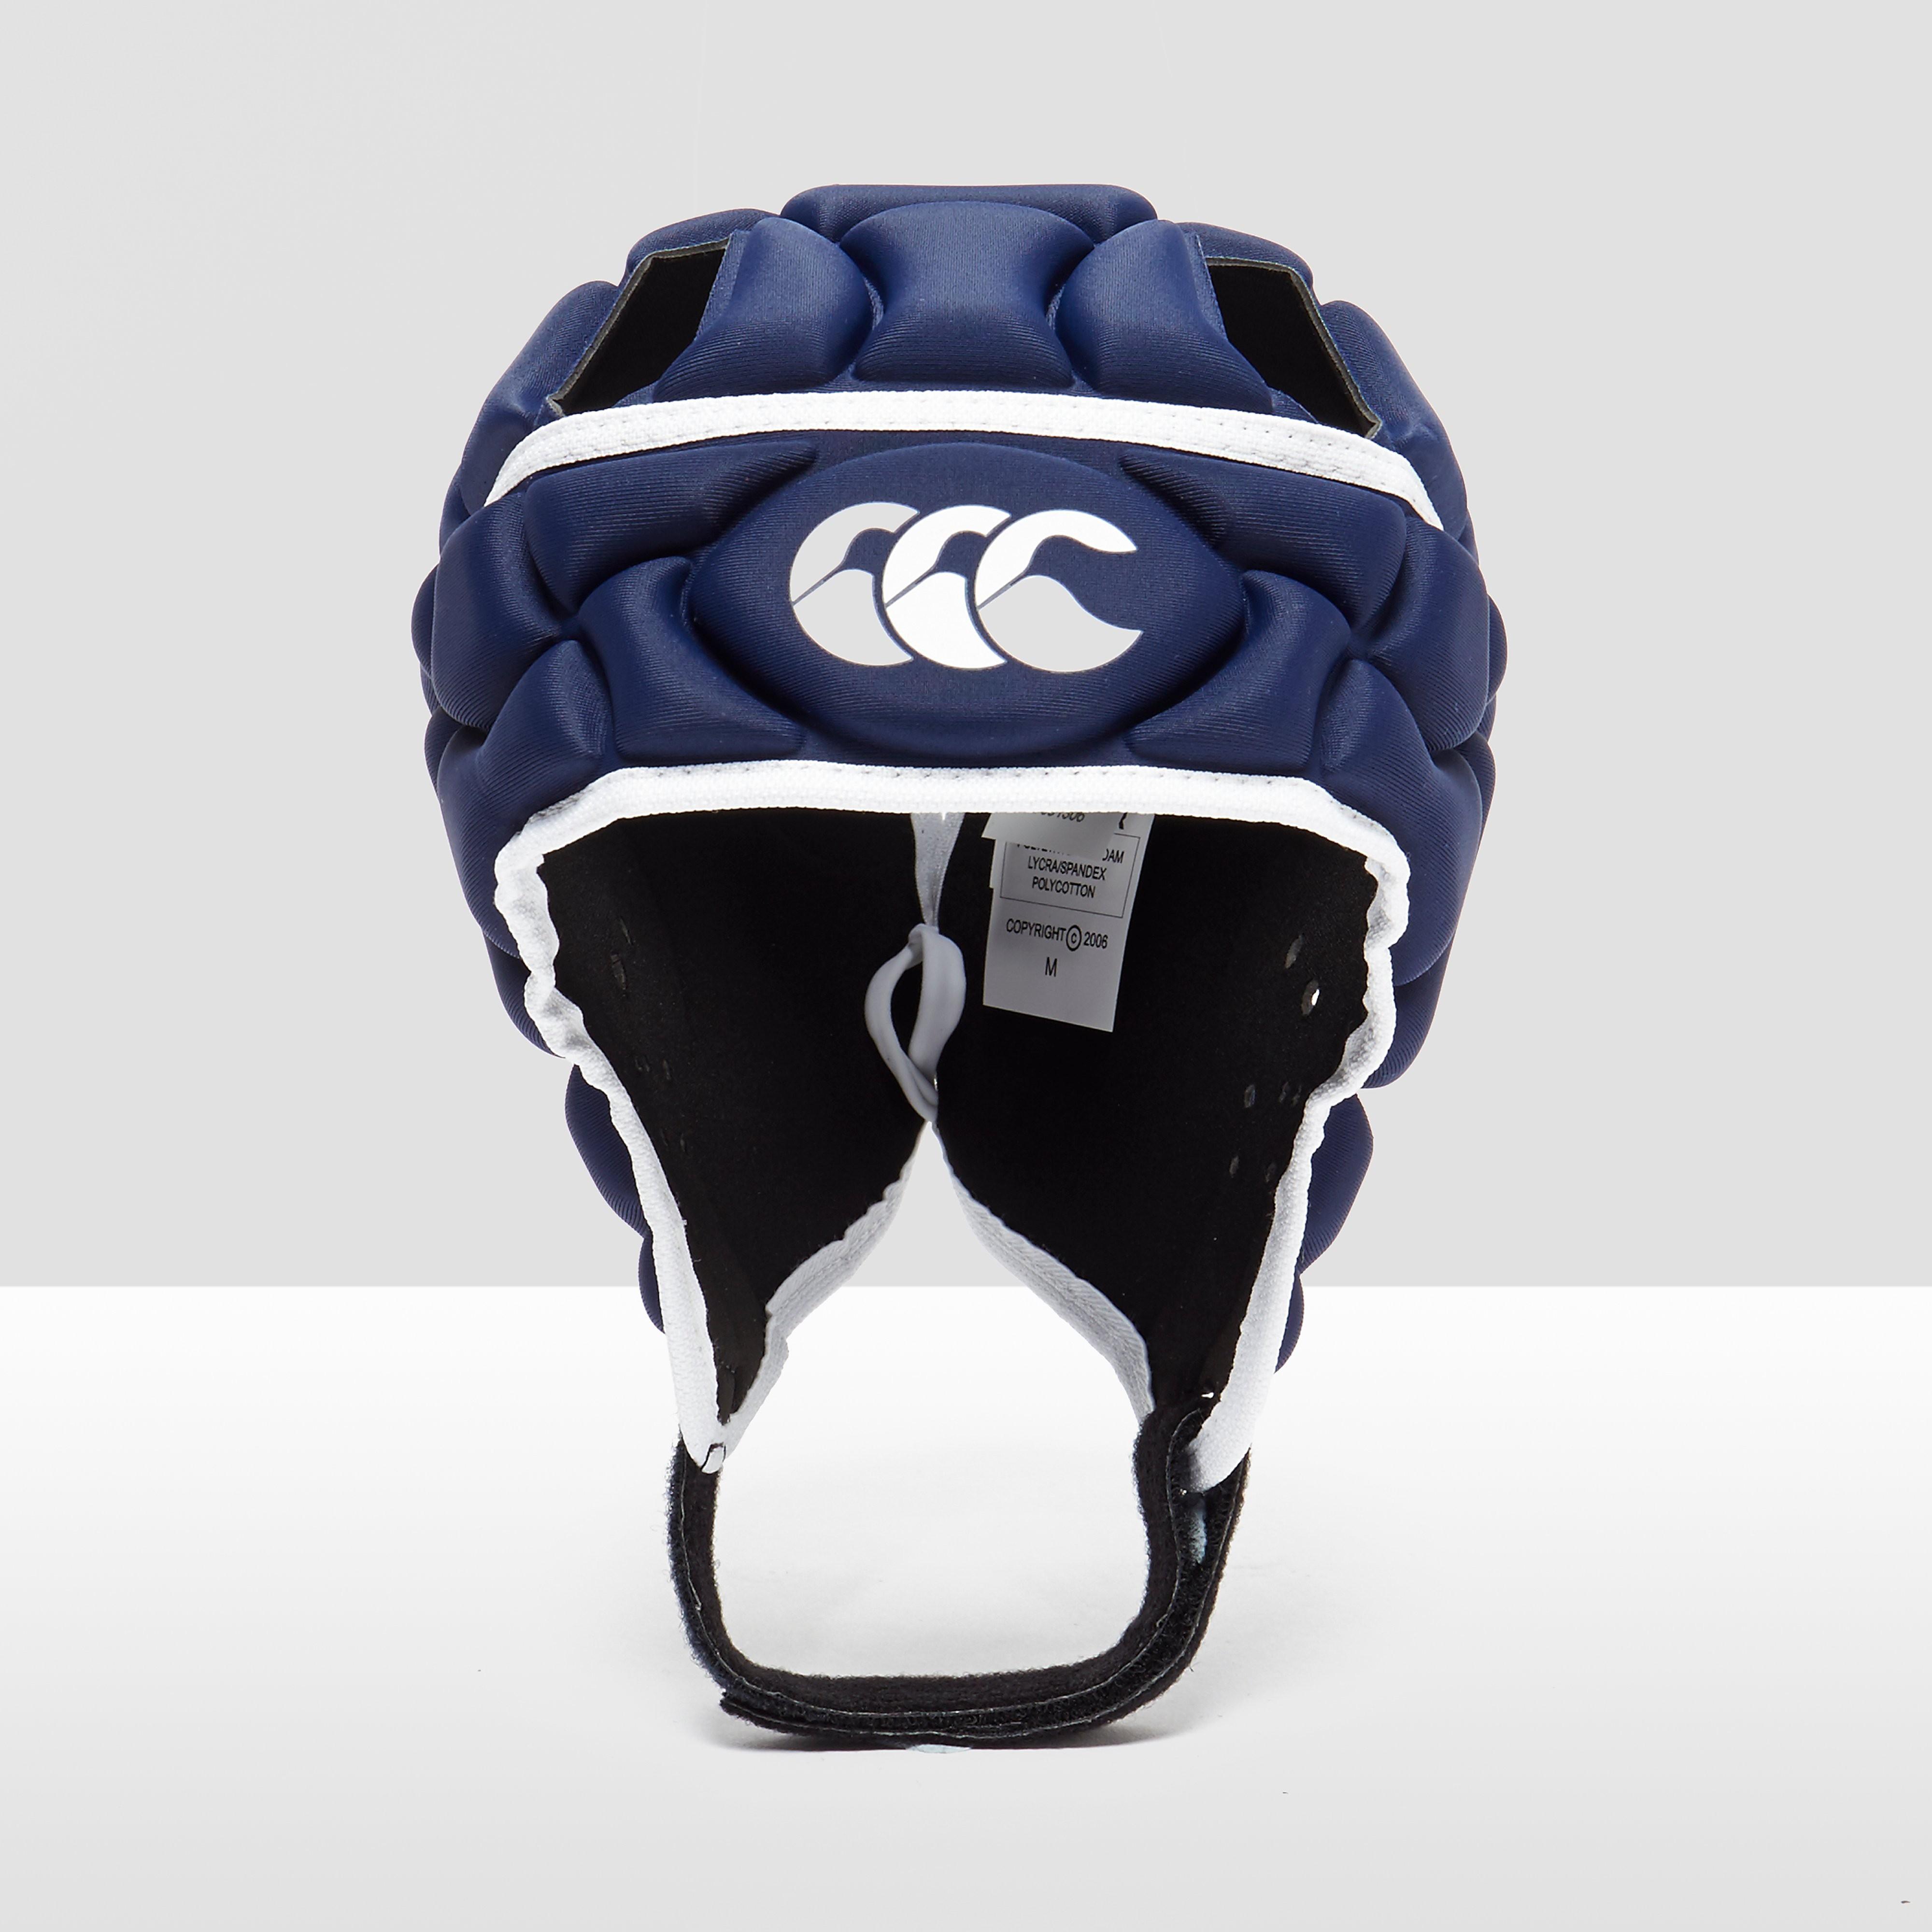 Canterbury Club Plus Rugby Headguard